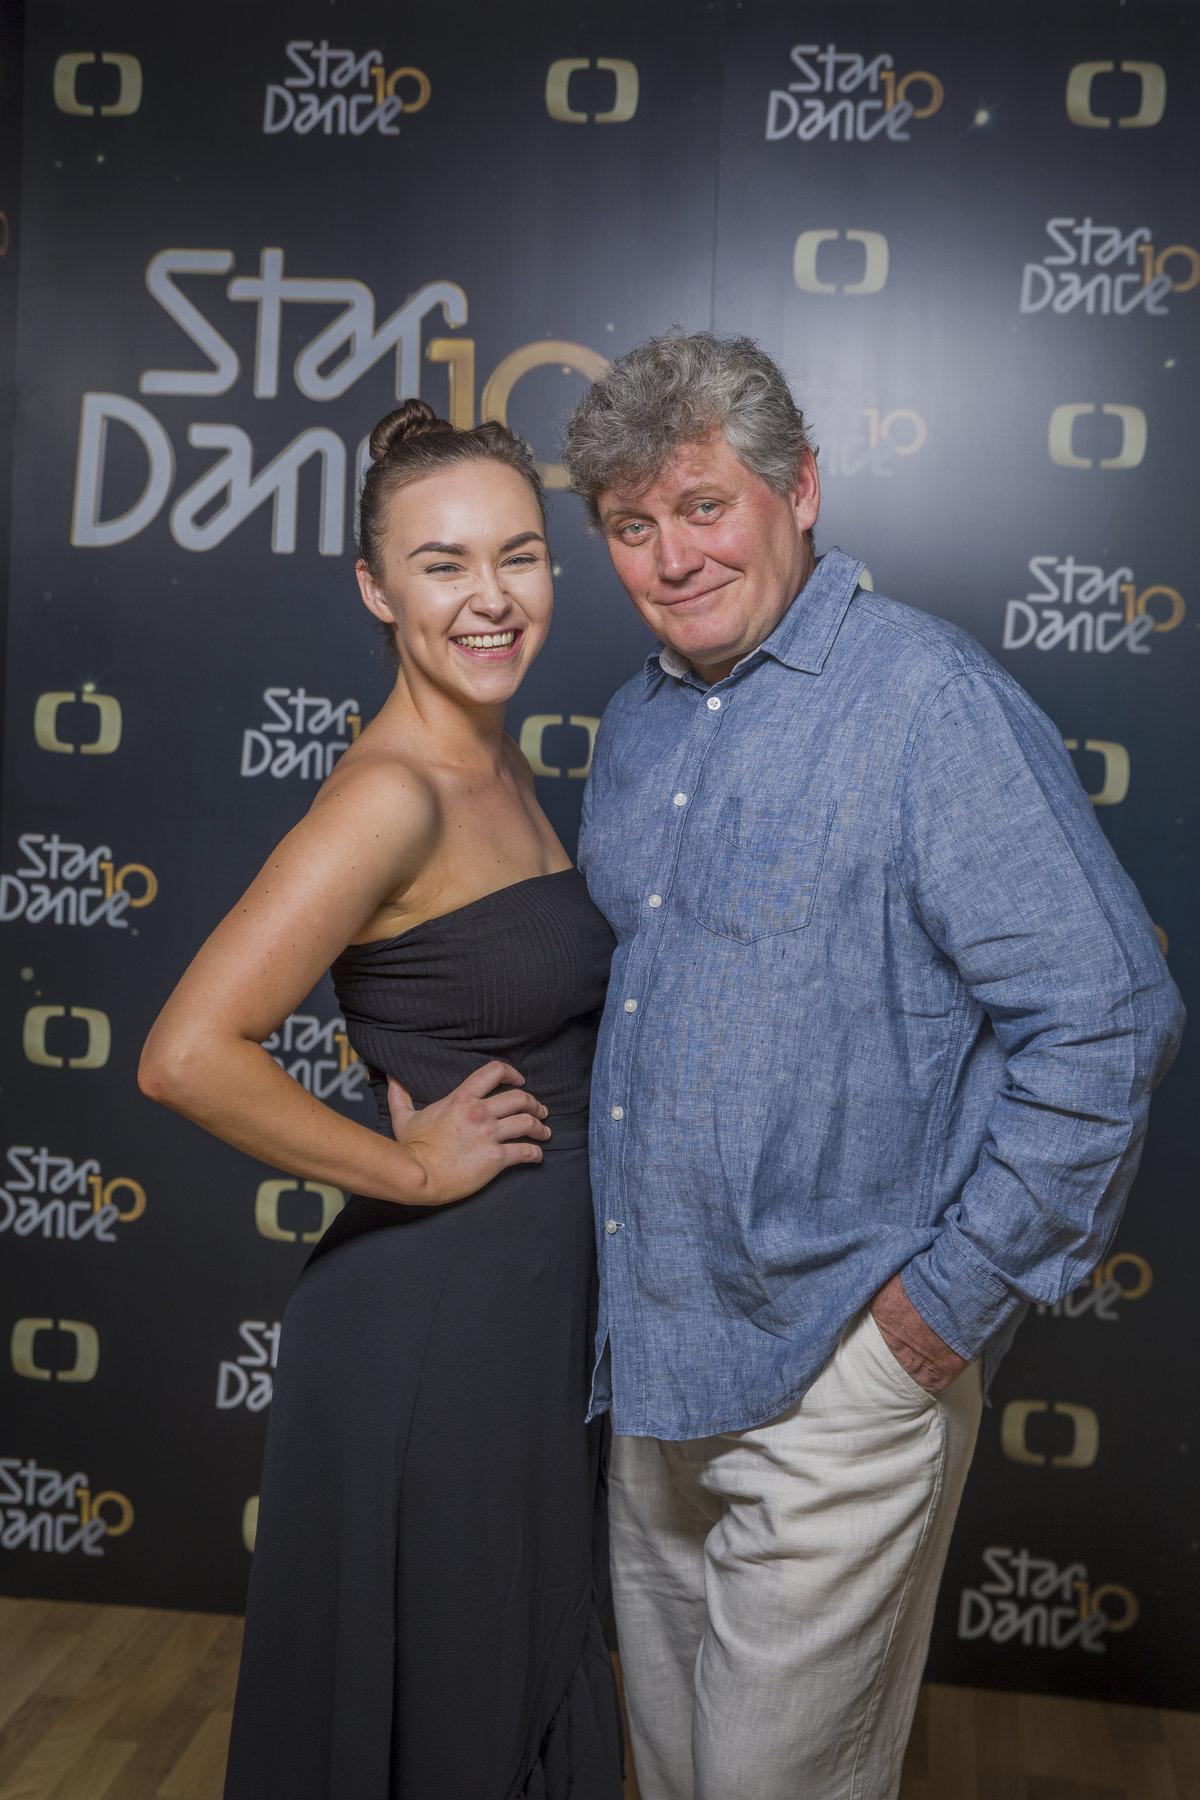 Miroslav Hanuš bude tančit ve StarDance